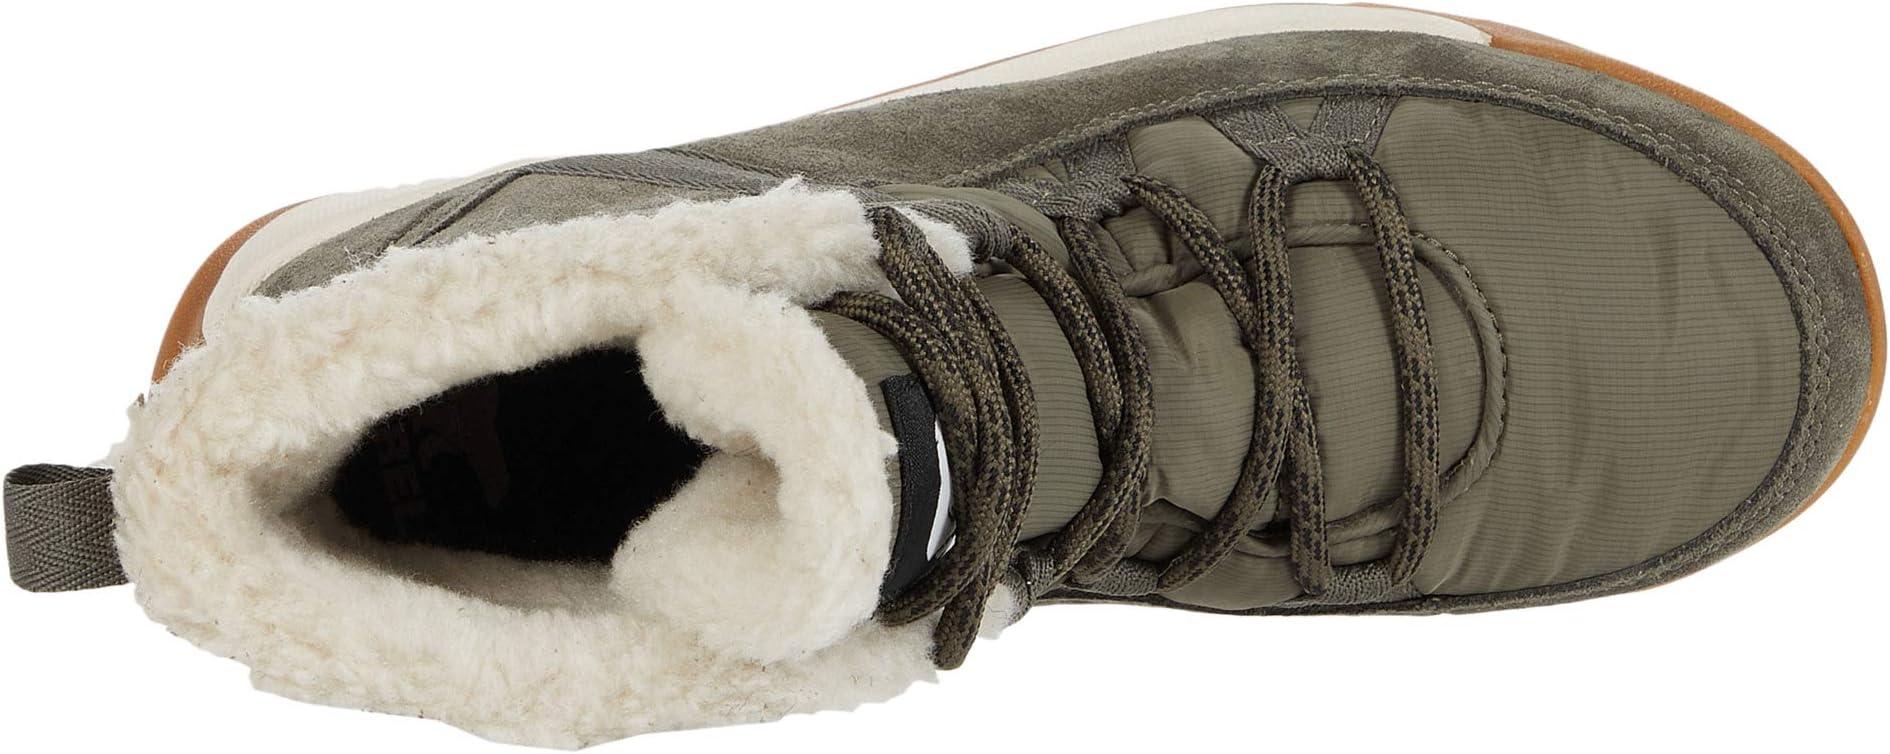 SOREL Whitney™ II Flurry | Women's shoes | 2020 Newest